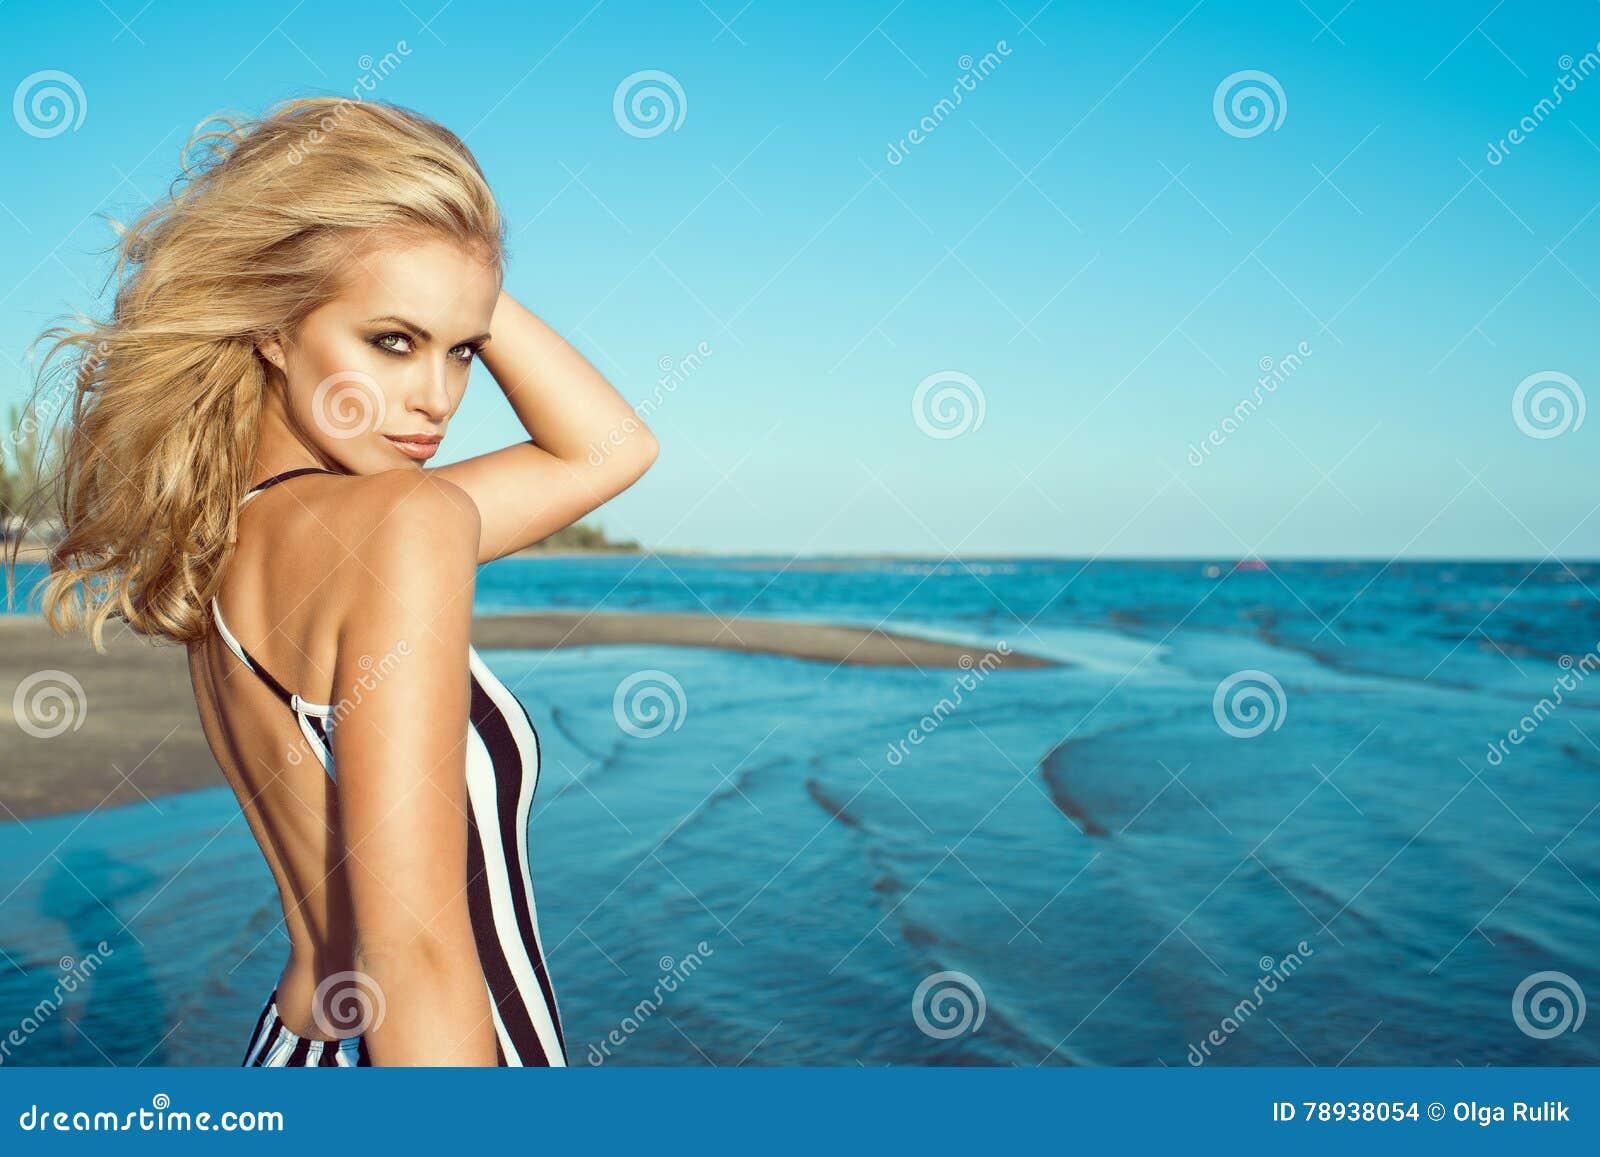 Πορτρέτο της κομψής ξανθής γυναίκας στο ριγωτό φόρεμα με τη γυμνή πίσω στάση στην παραλία και να φανεί ευθύς